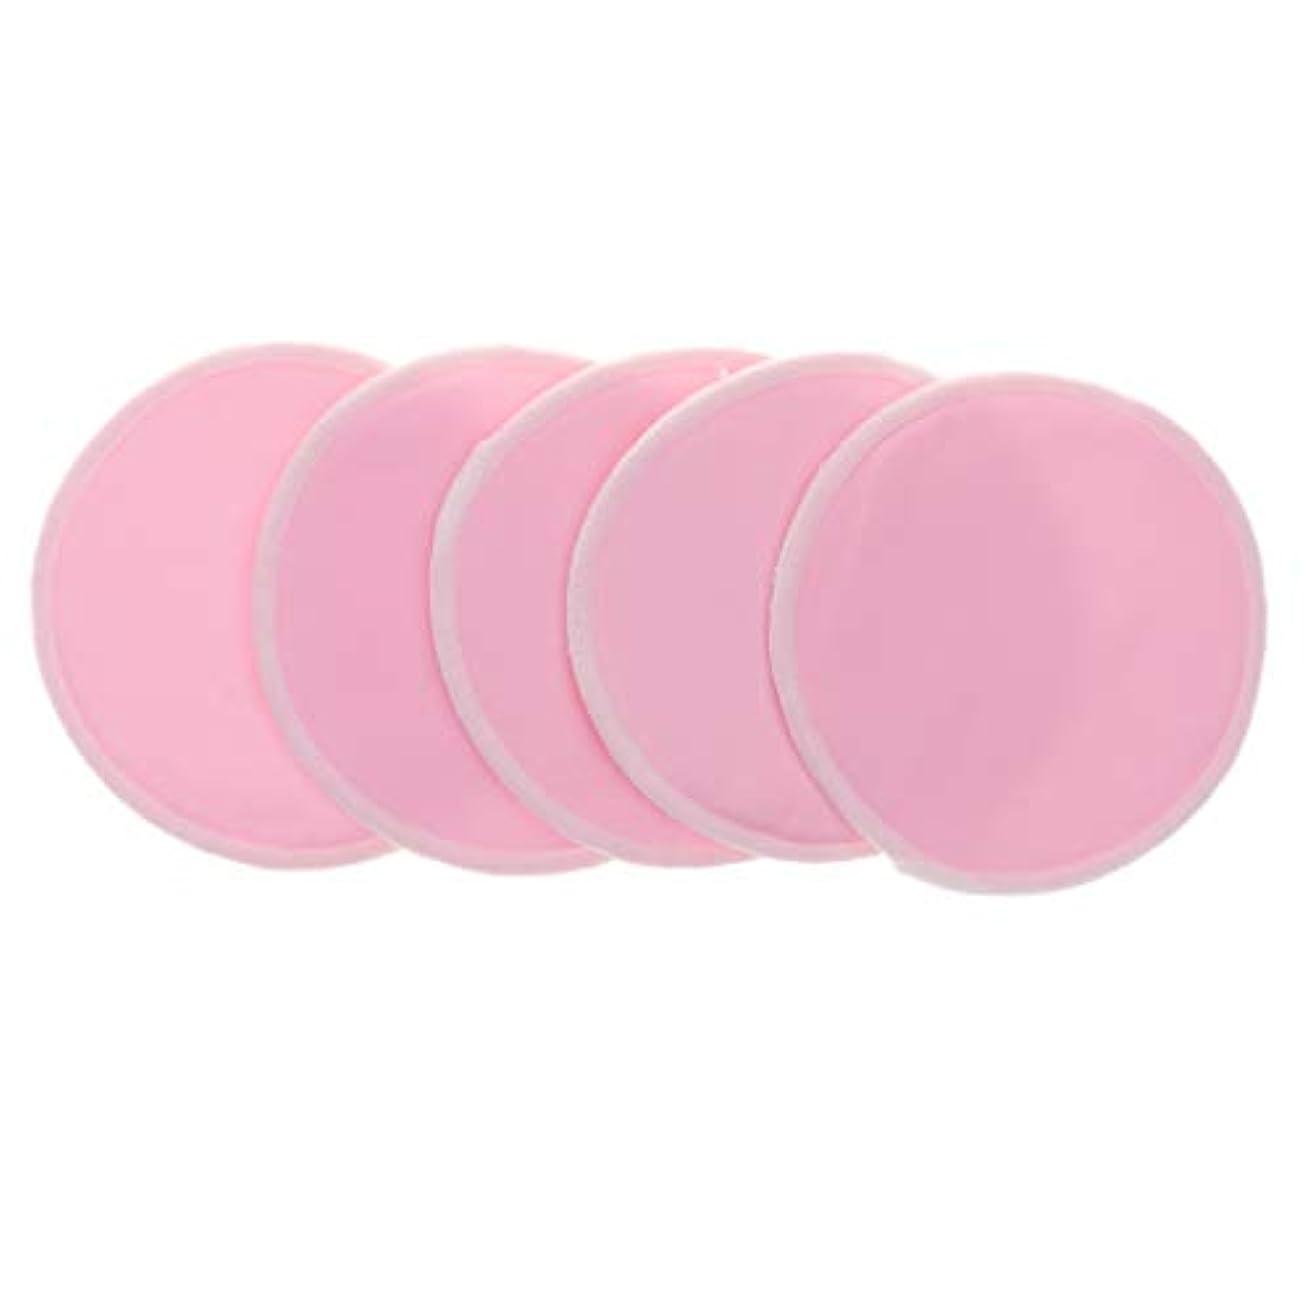 ジャンプ蒸留する感謝胸パッド クレンジングシート メイクアップ 竹繊維 円形 12cm 洗濯可能 再使用可 5個 全5色 - ピンク